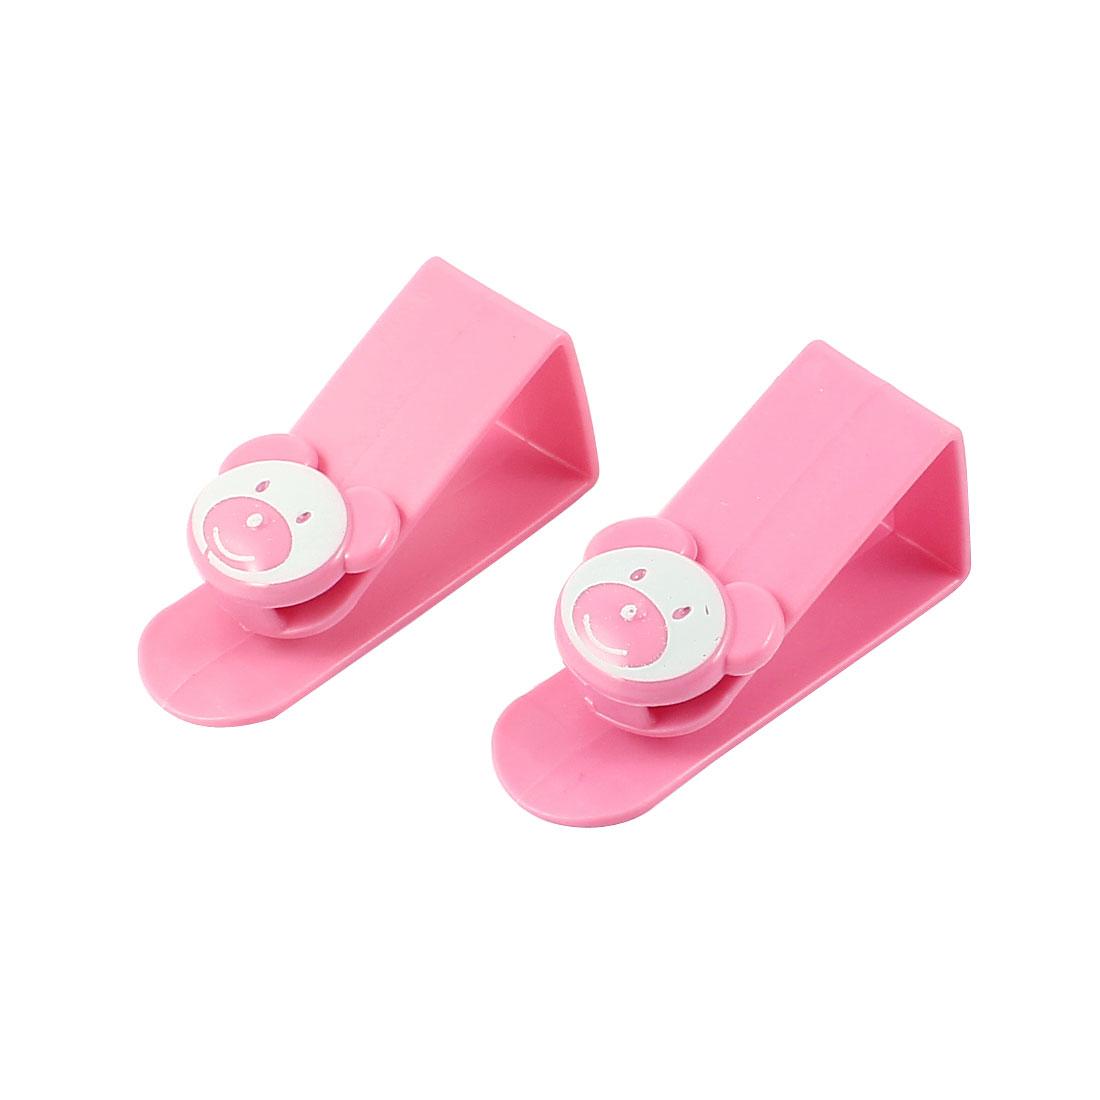 2 Pcs Bear Face Pattern Plastic Garbage Bag Hanger Desk Table Hook Pink